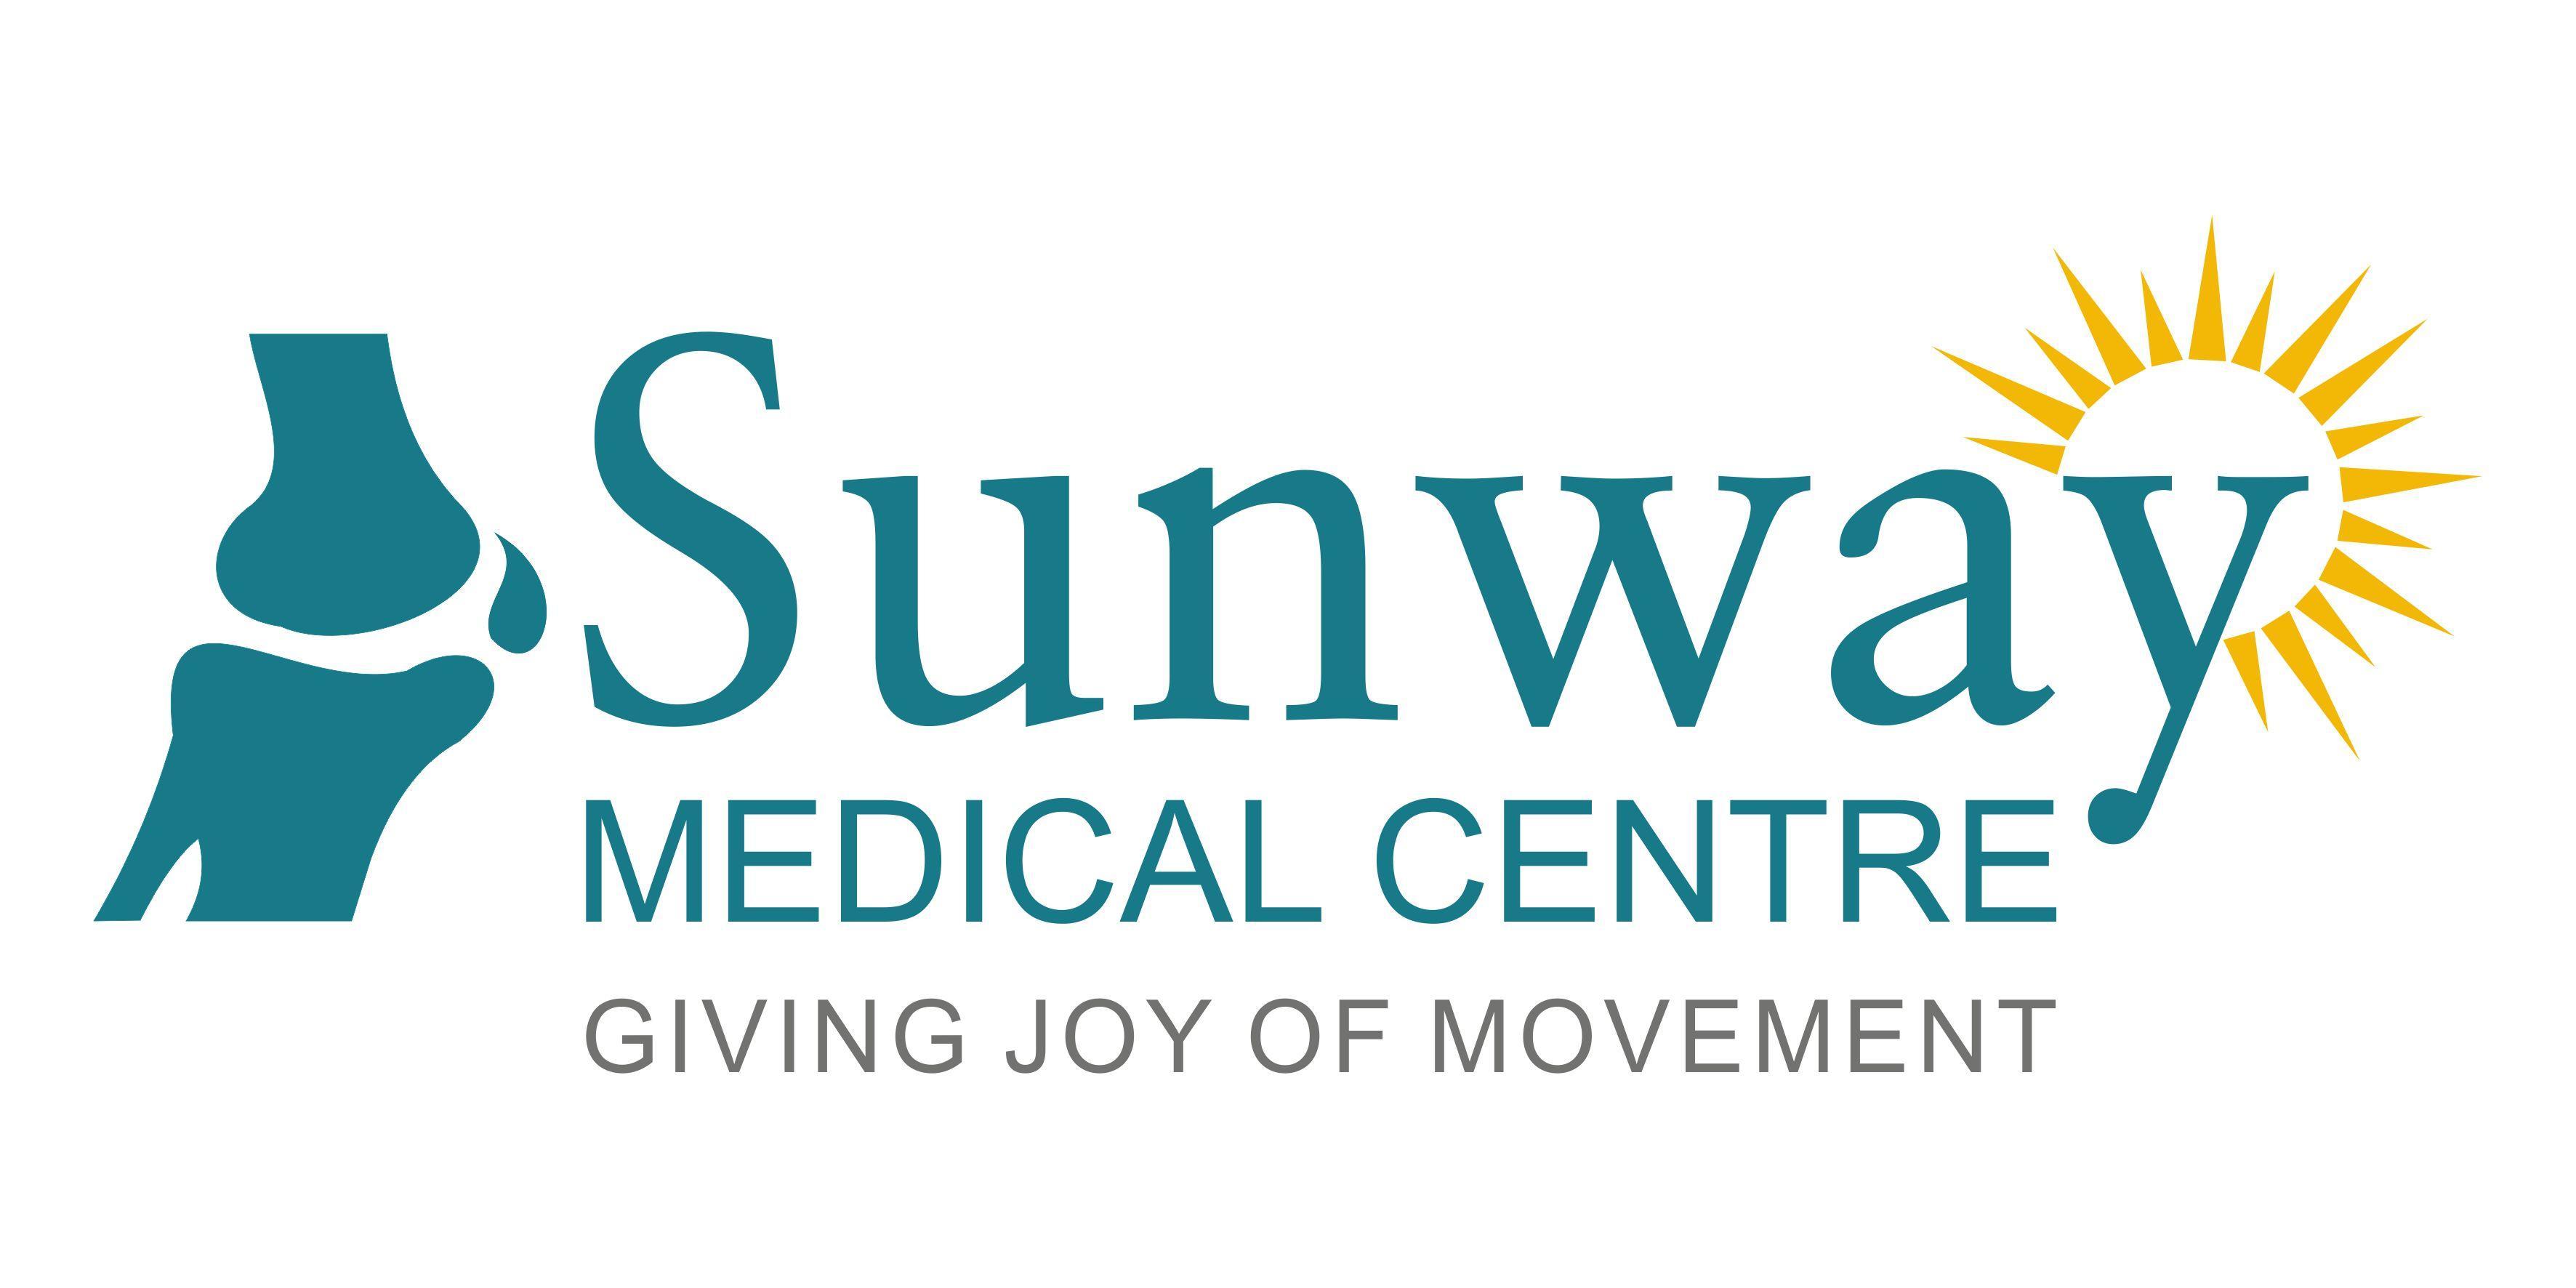 Sunway Medical Center